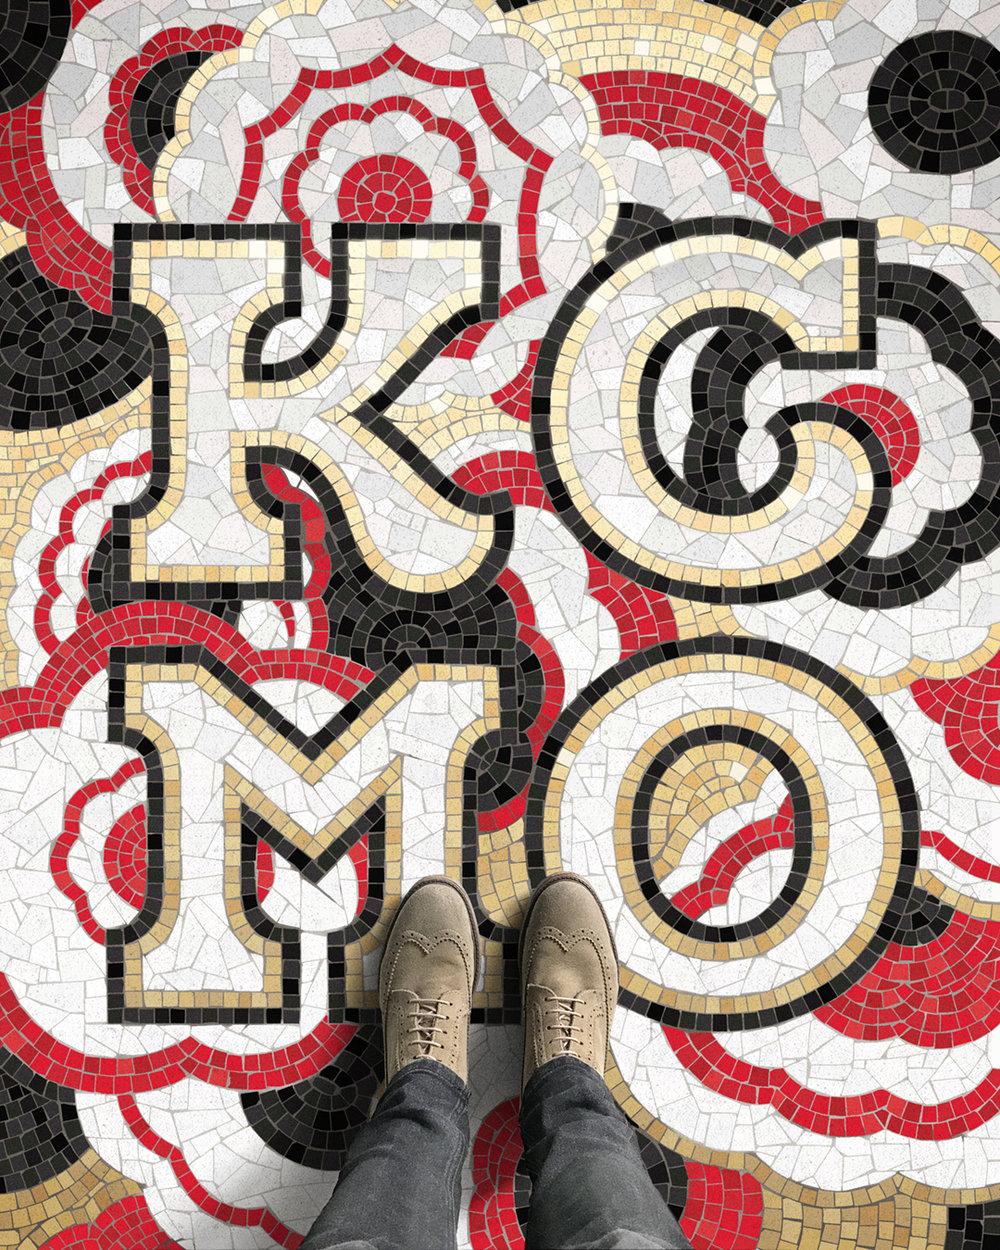 KCMO_Fin_IGtest3.jpg